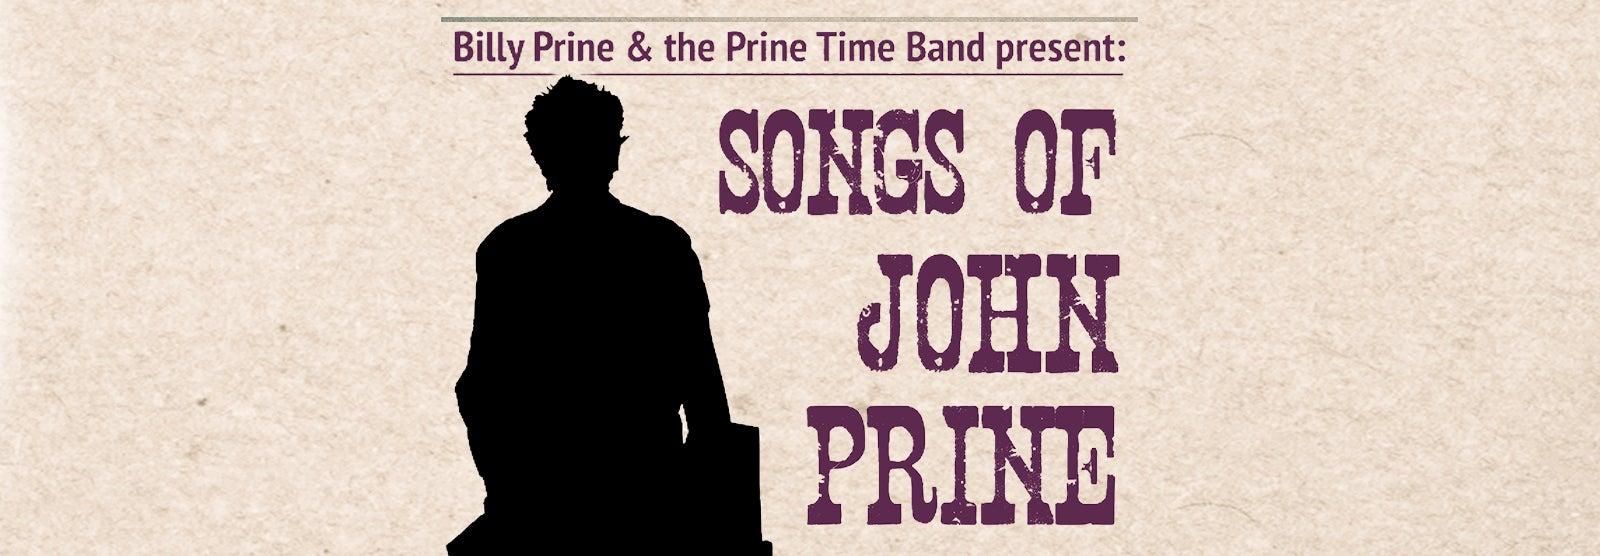 The Songs of John Prine